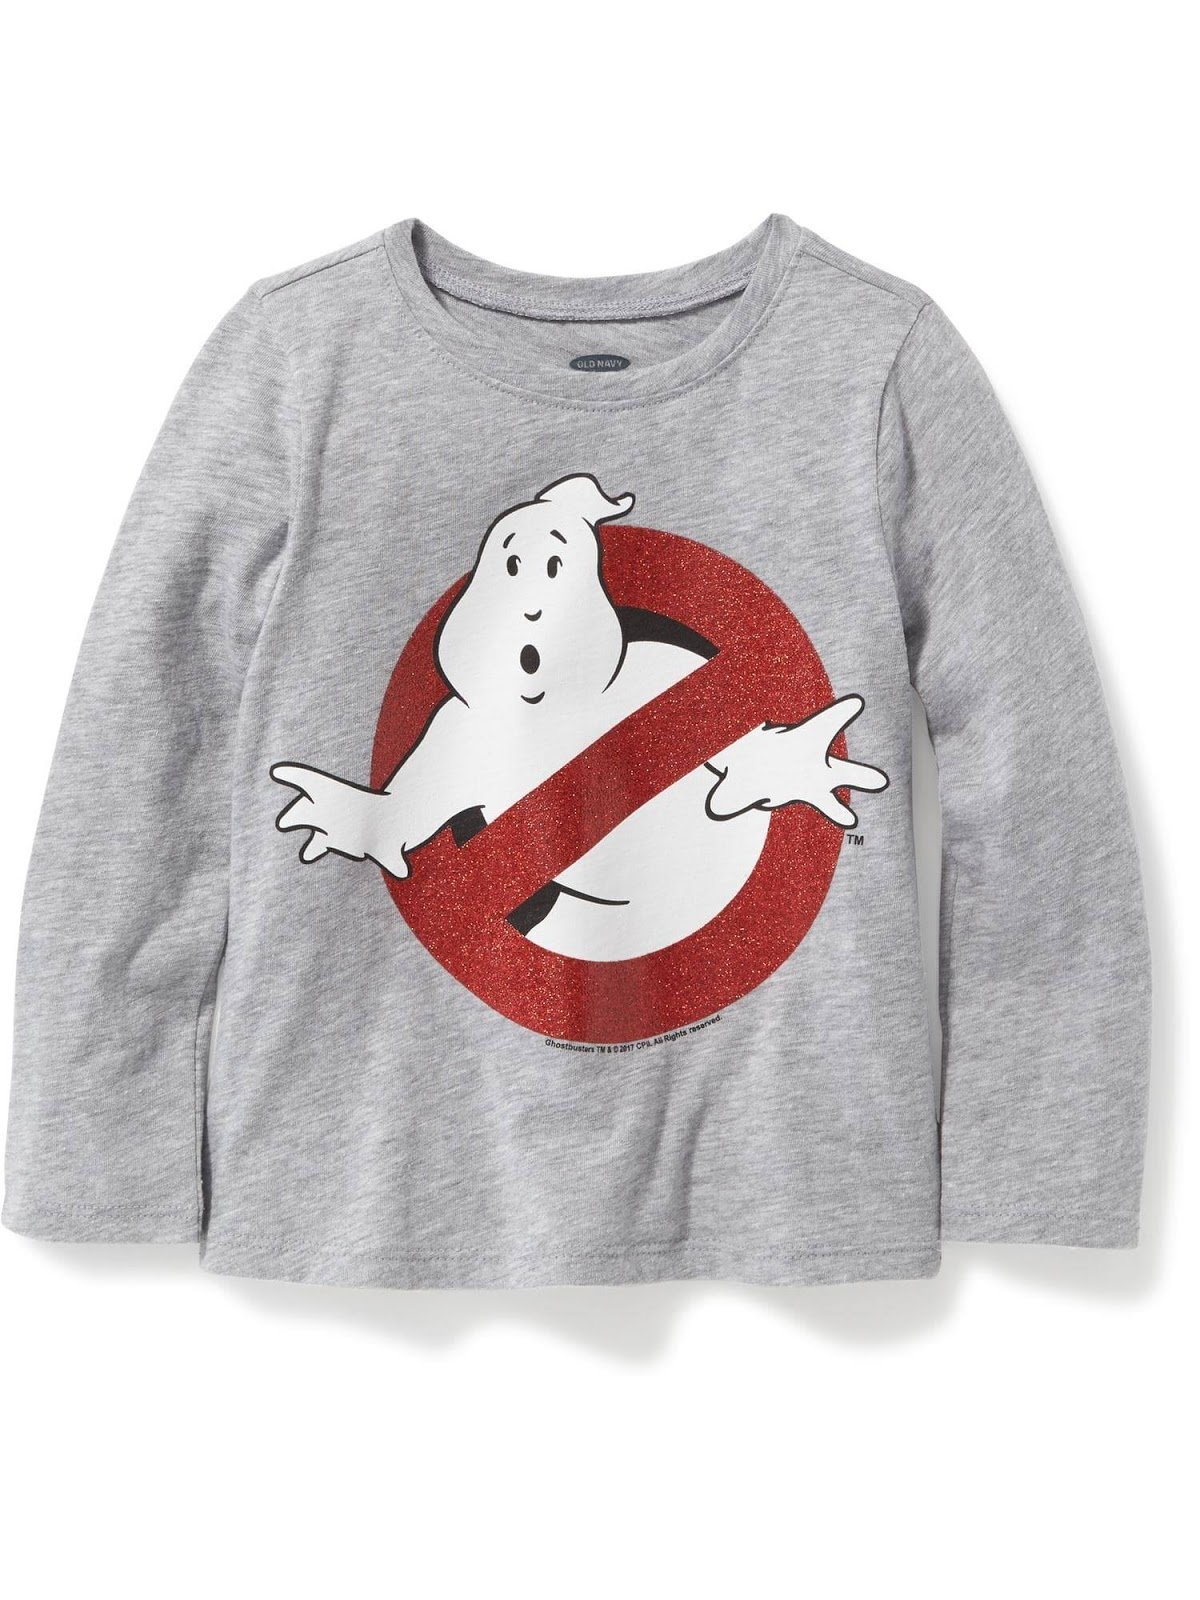 ... que en pleno siglo XXI y a más de 30 años del estreno de Ghostbusters bd3b504ef12ae